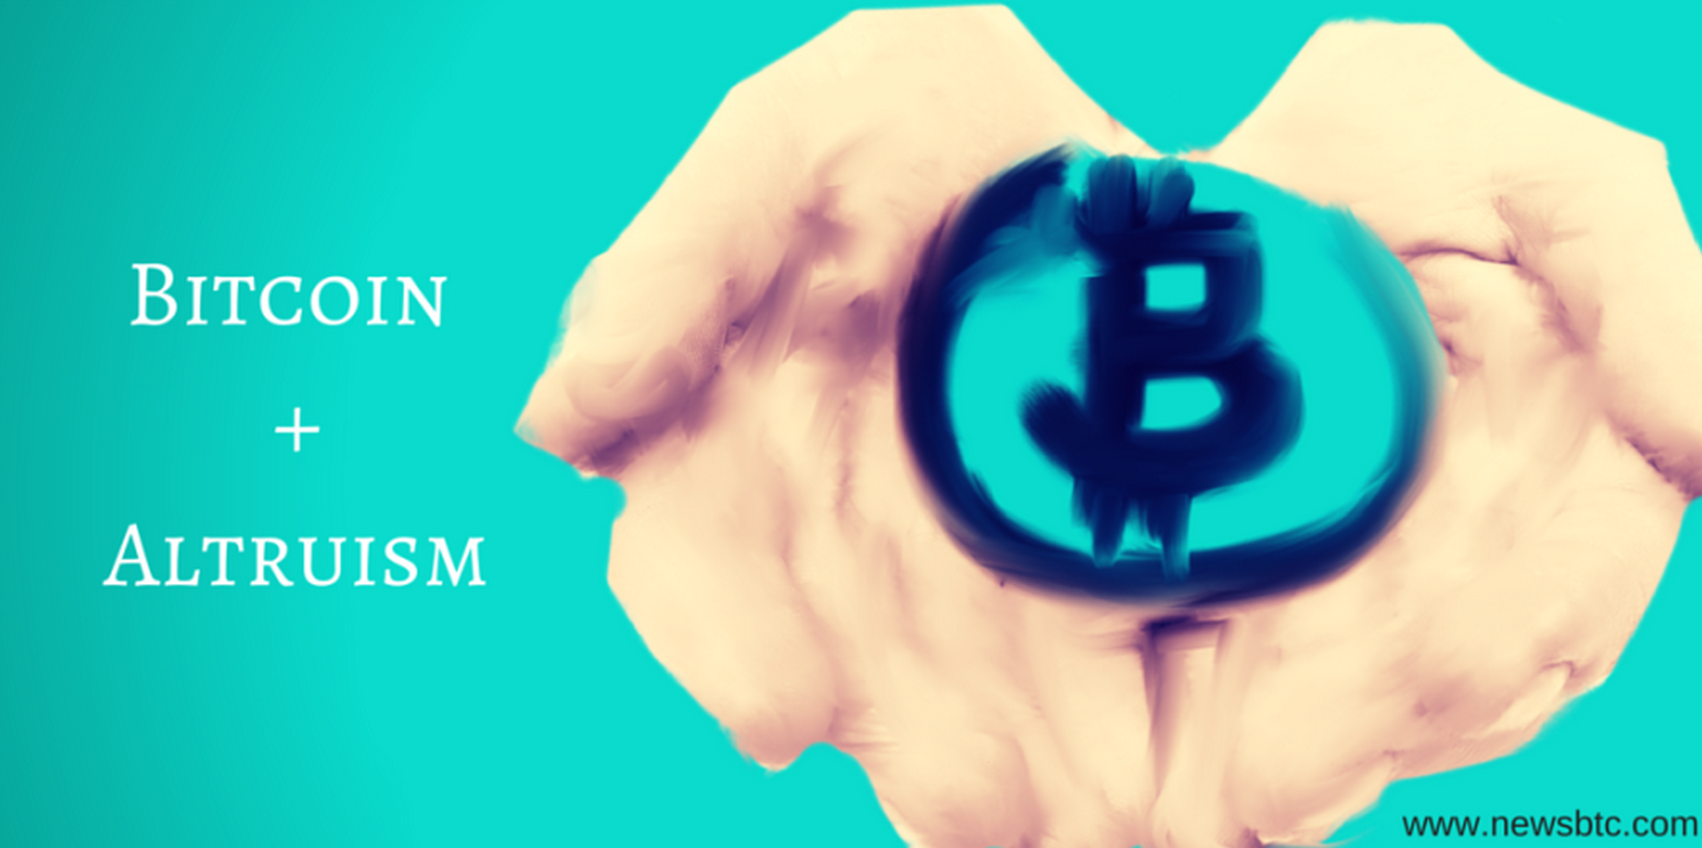 bitcoin and altruism